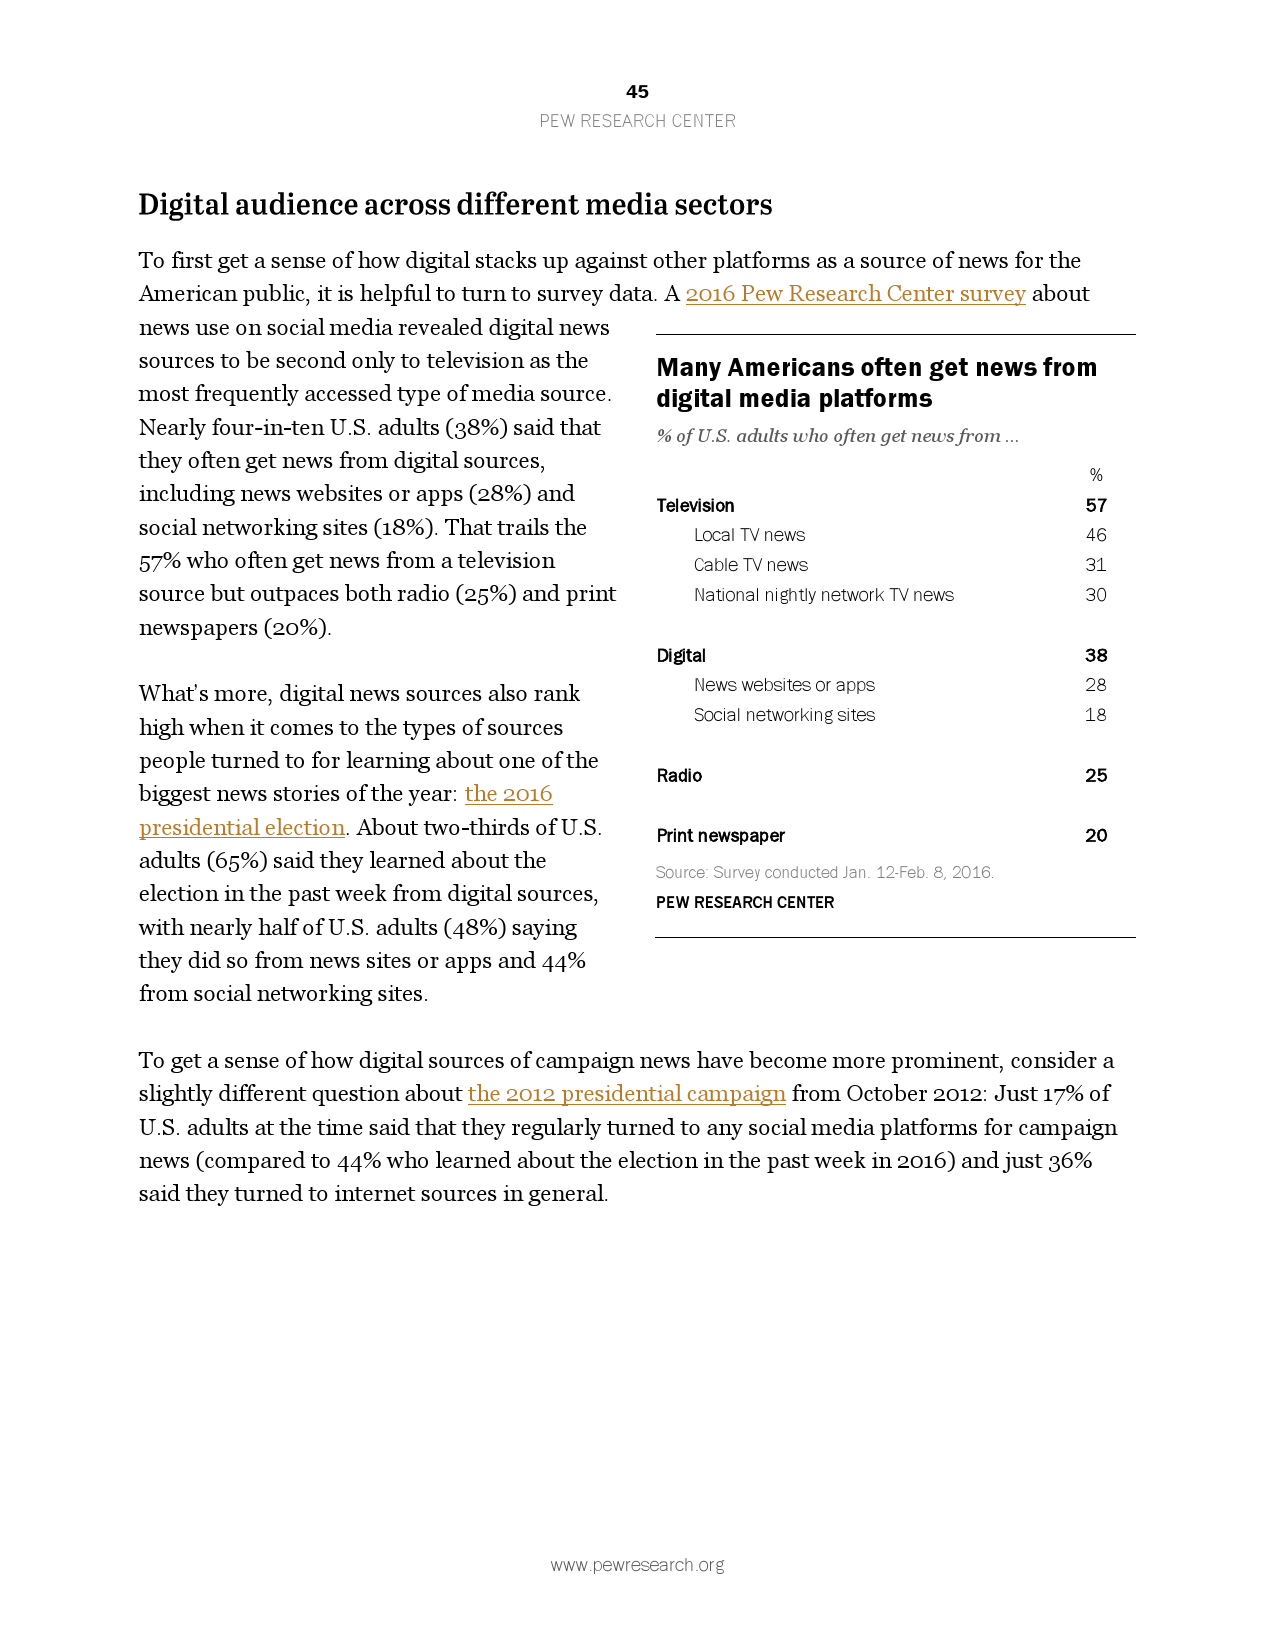 2016美国新媒体研究报告_000045